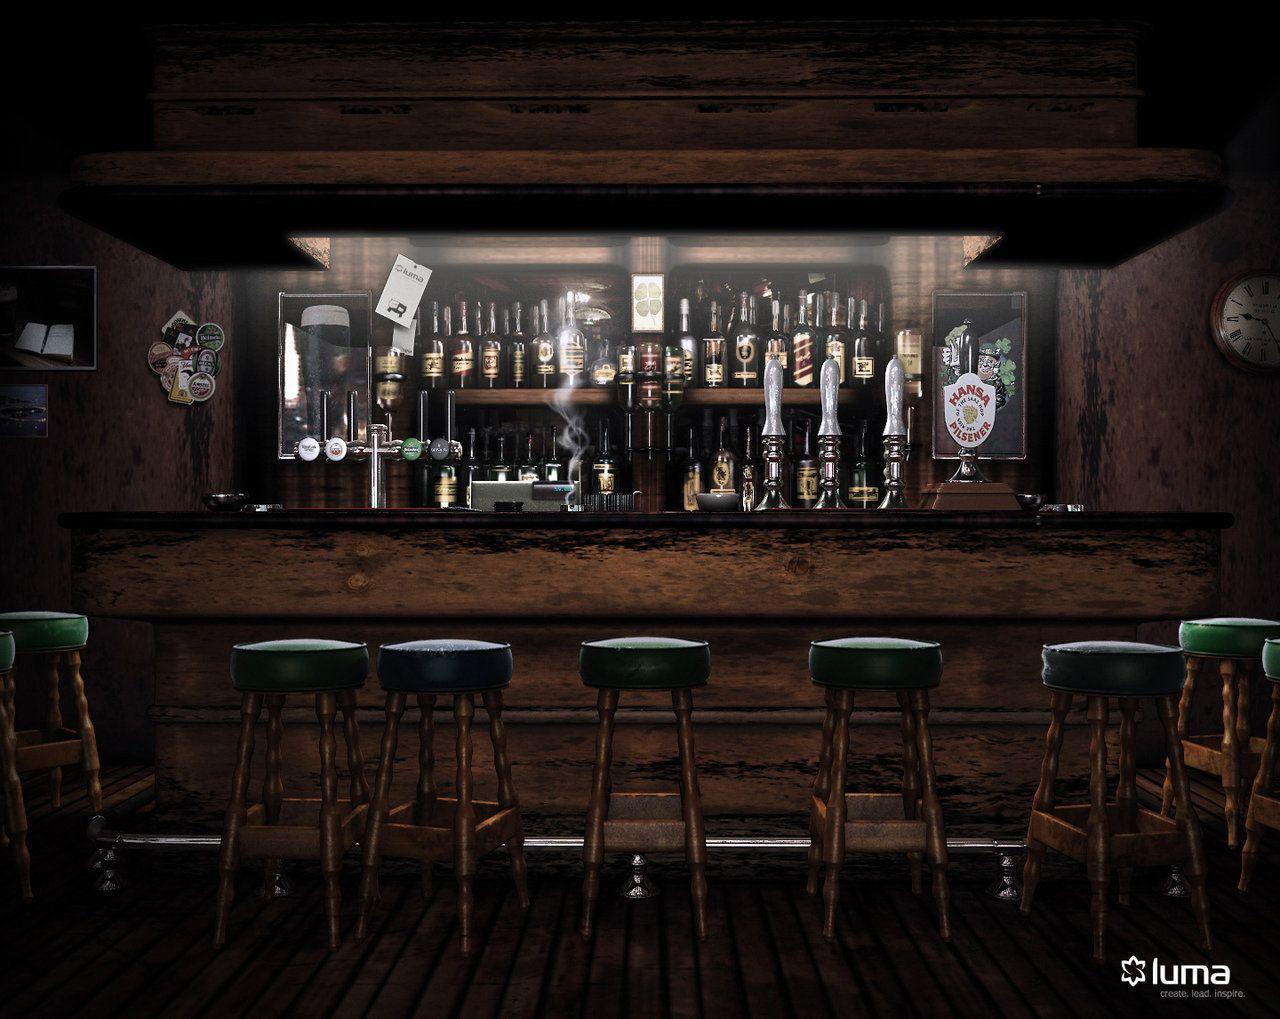 pub wallpapers wallpaper cave. Black Bedroom Furniture Sets. Home Design Ideas